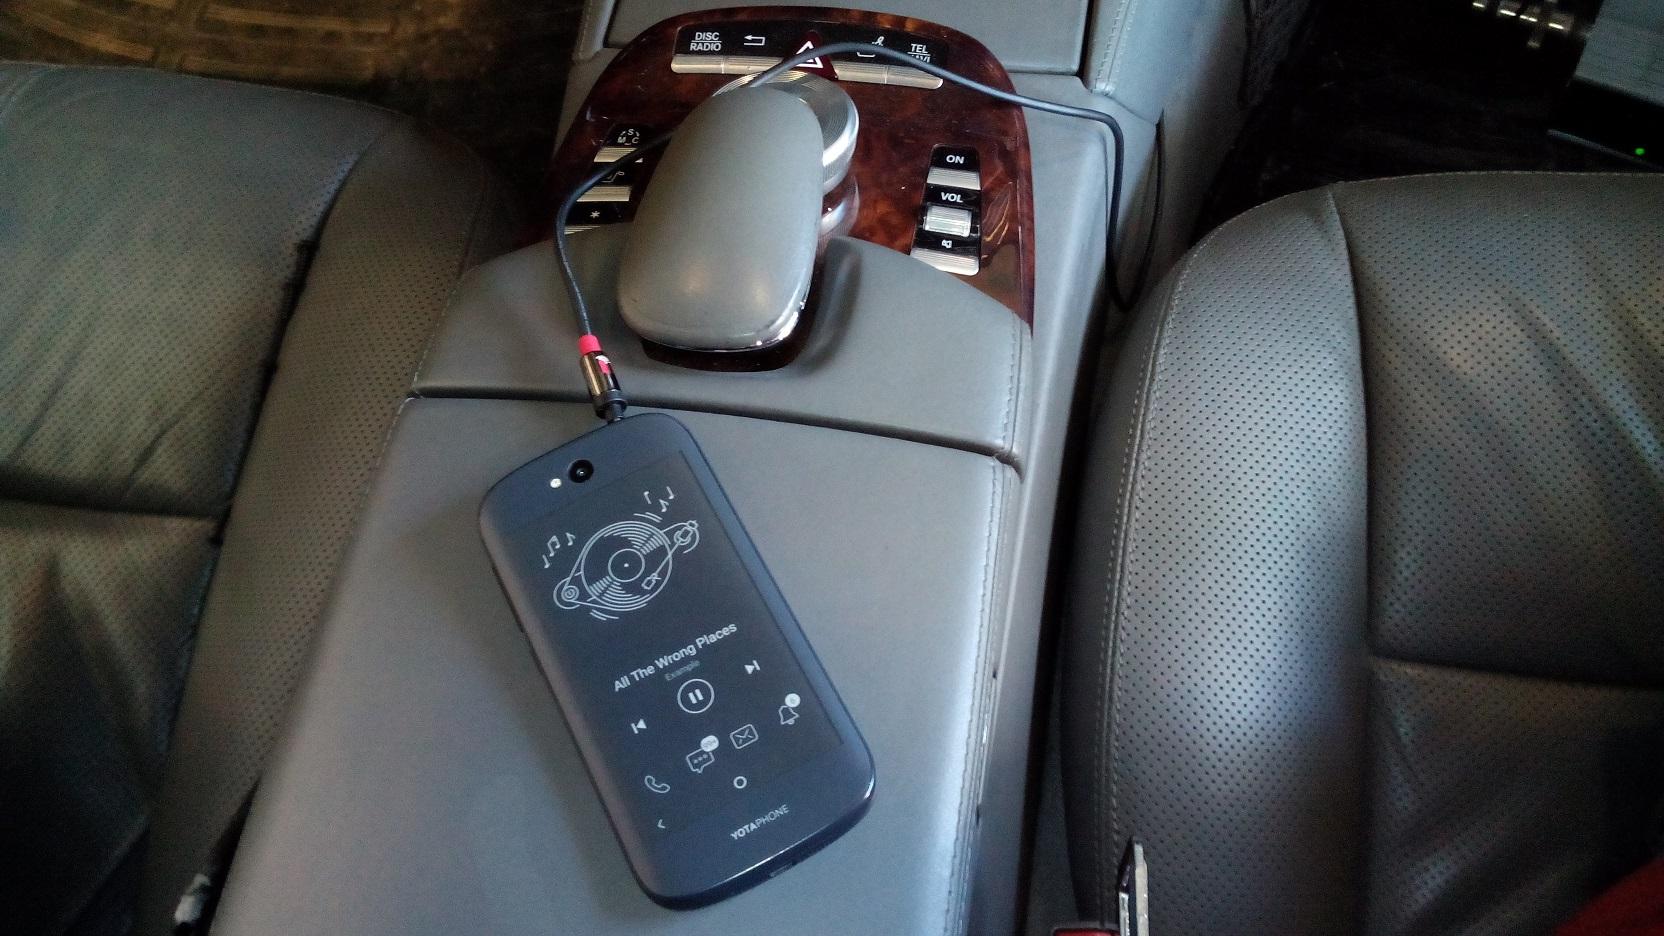 Mercedes aux audio